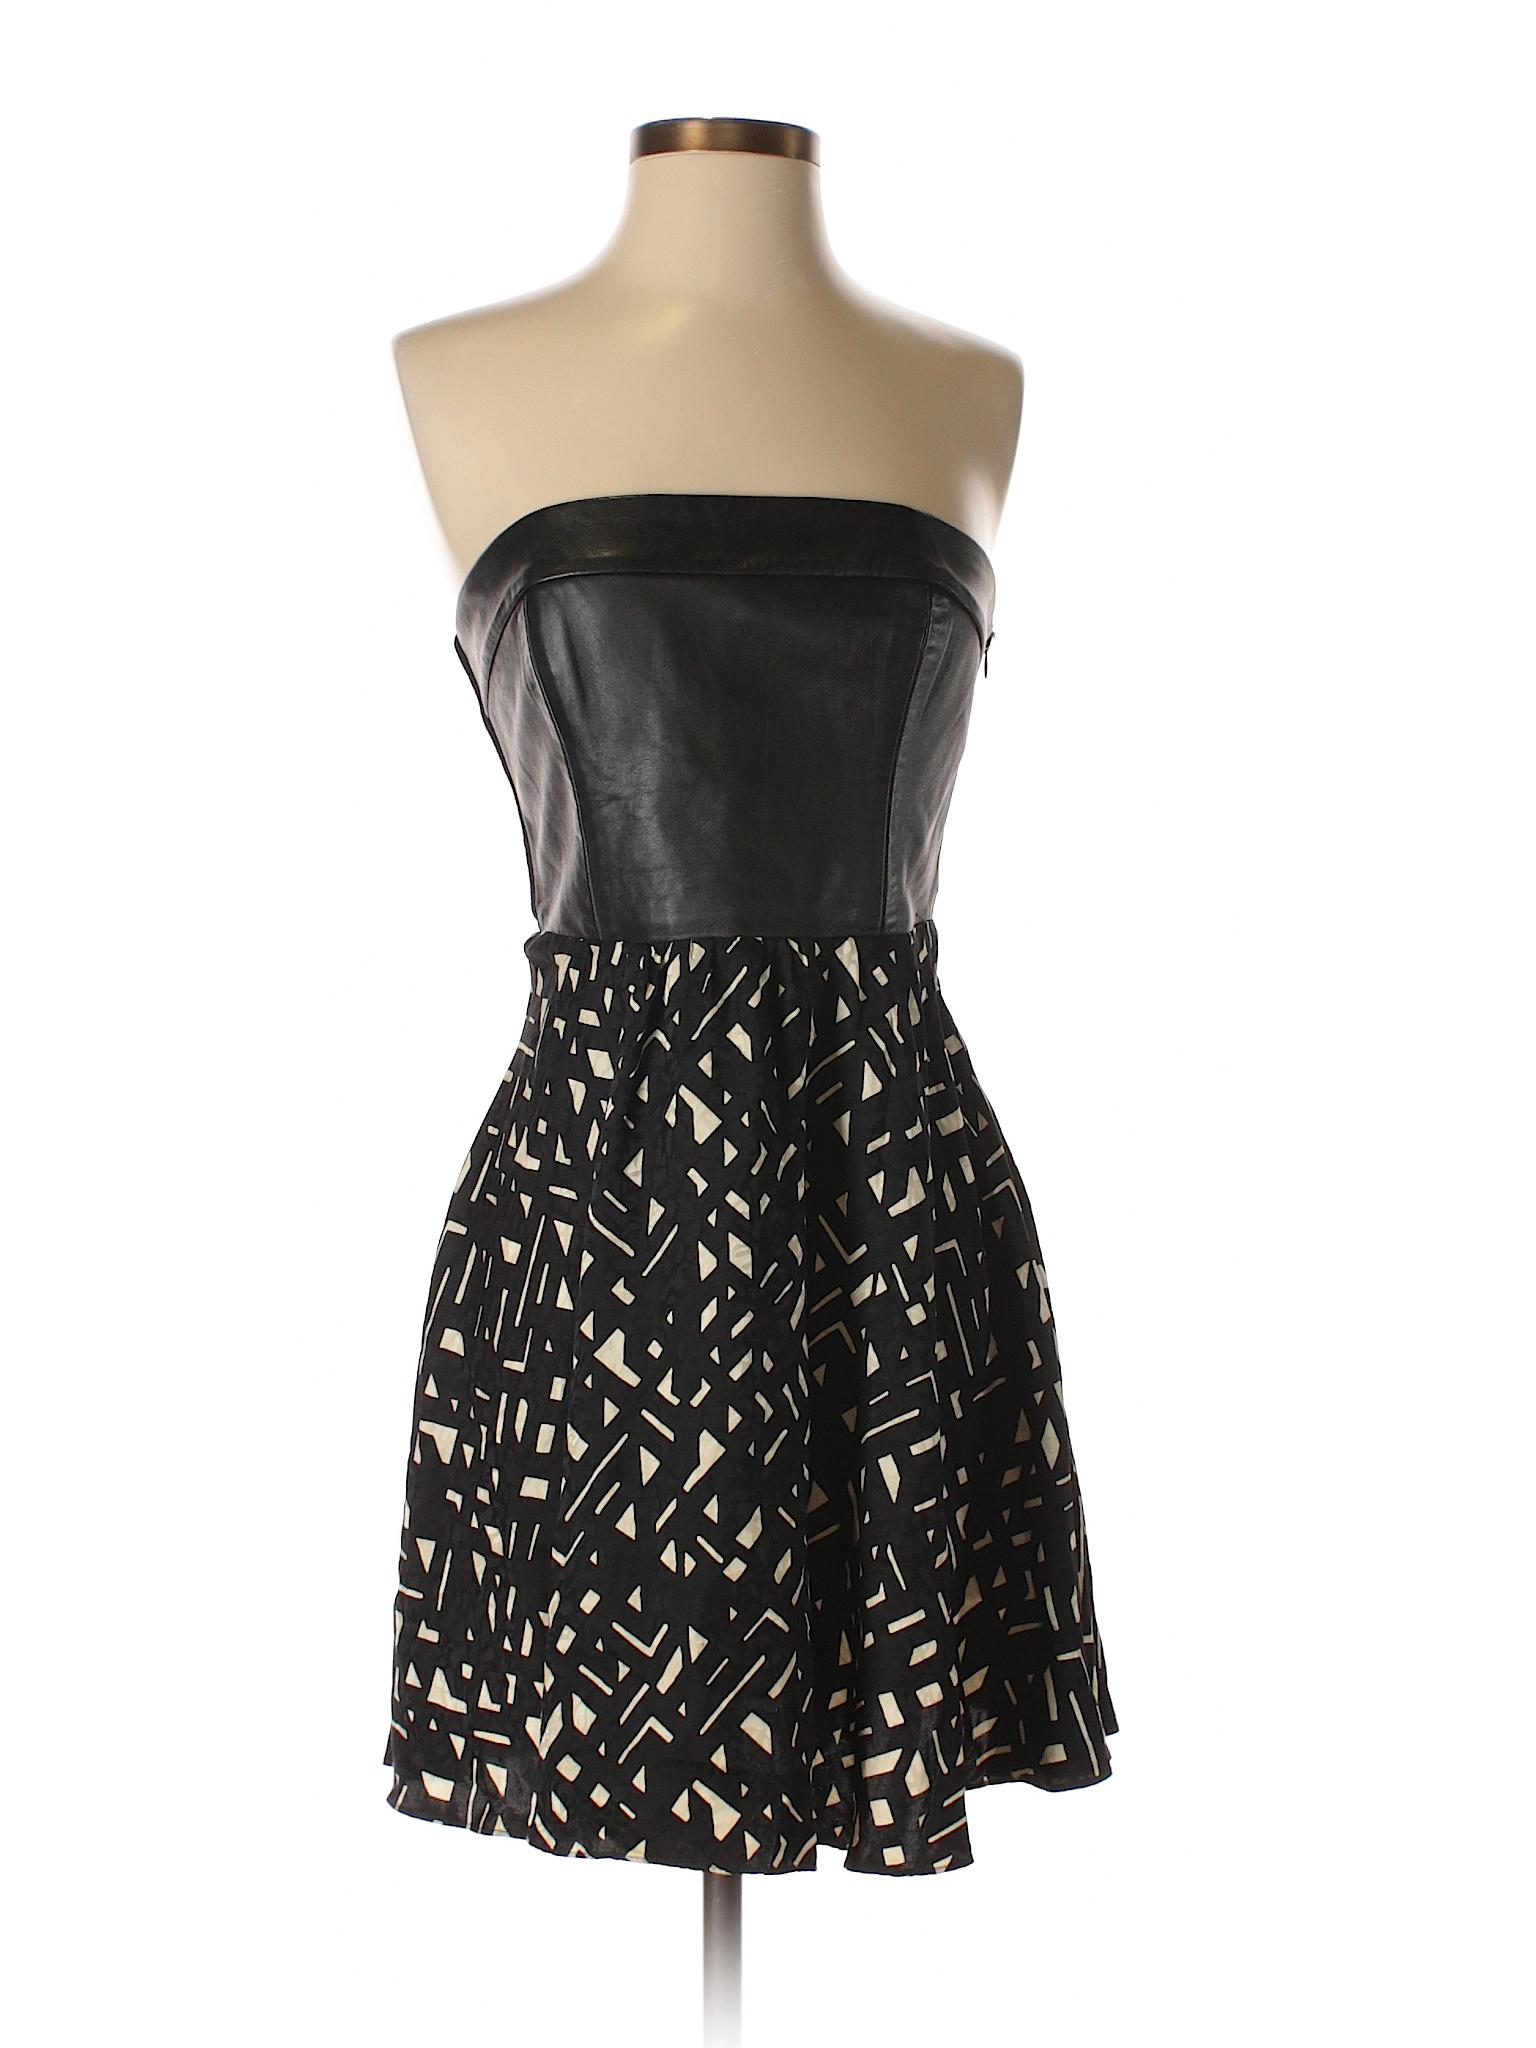 Alice Casual Boutique Dress Trixie winter amp; 5wqpqOI